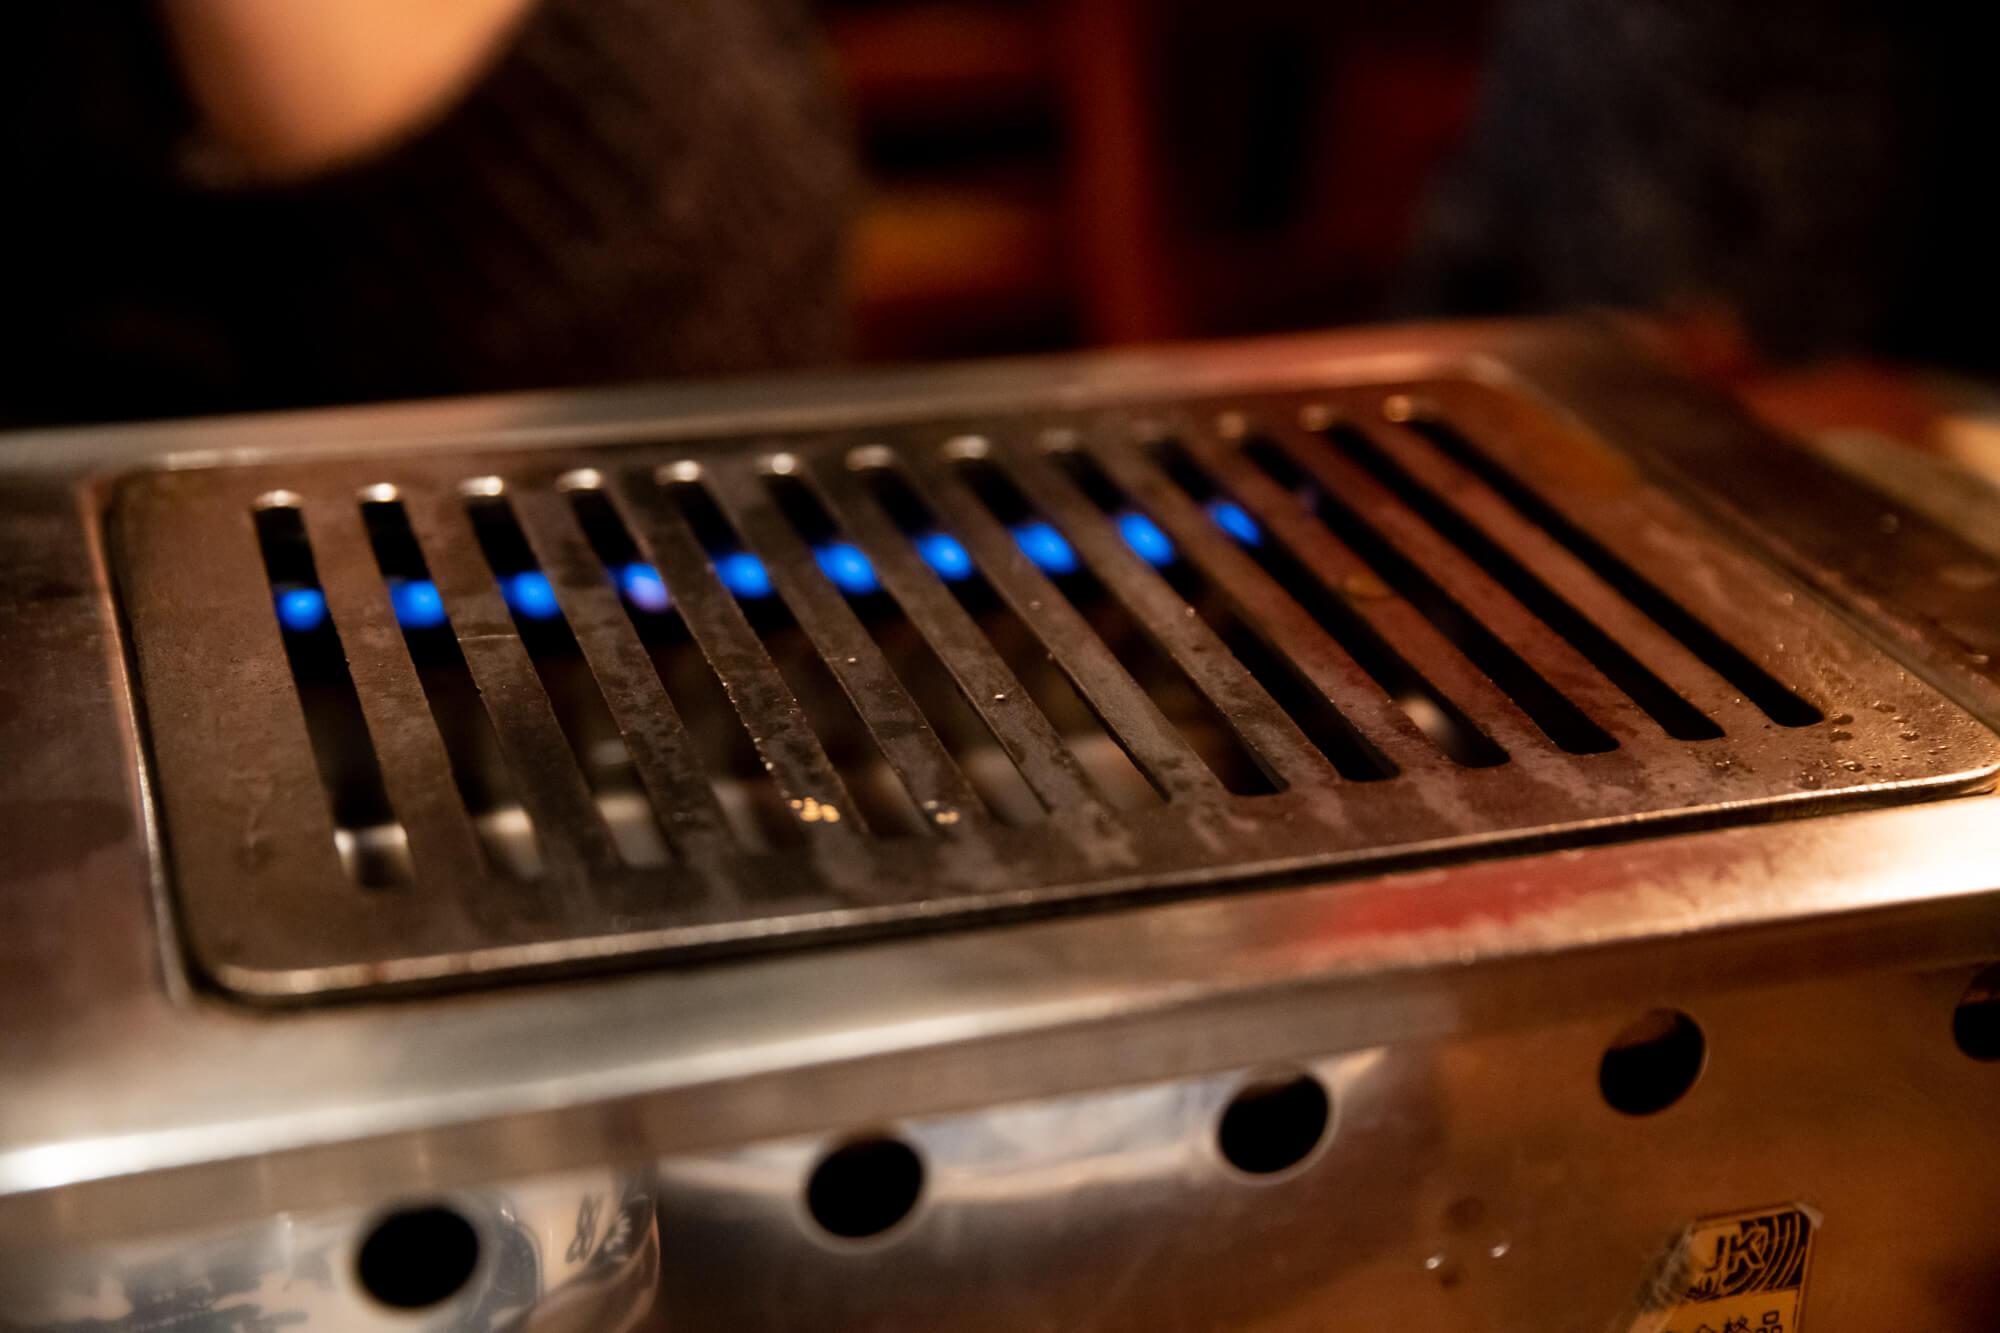 ヒレ肉の宝山 焼台はガス